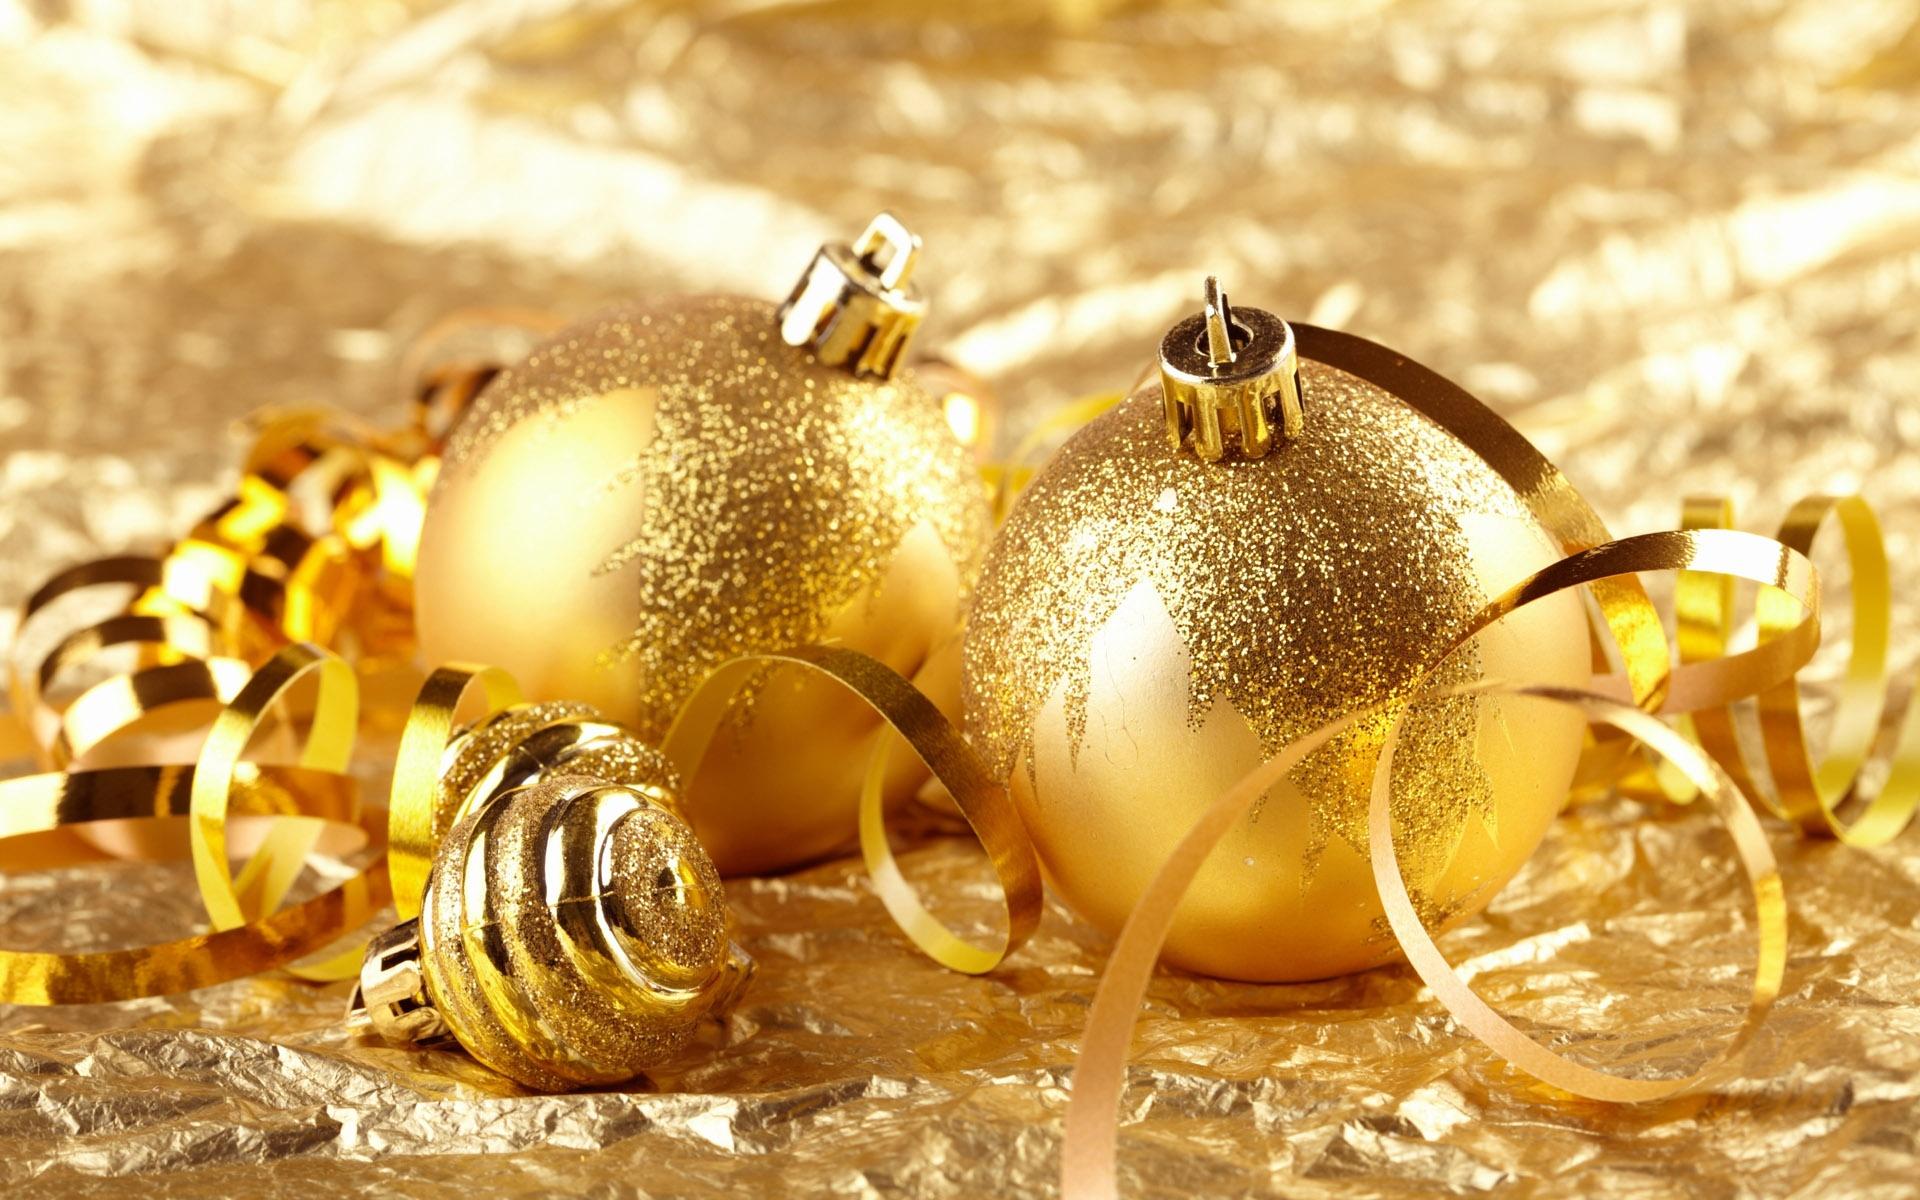 Weihnachtsbilder Mit Kugeln.Gold Ball Weihnachtsdekoration Thema 1920x1200 Hd Hintergrundbilder